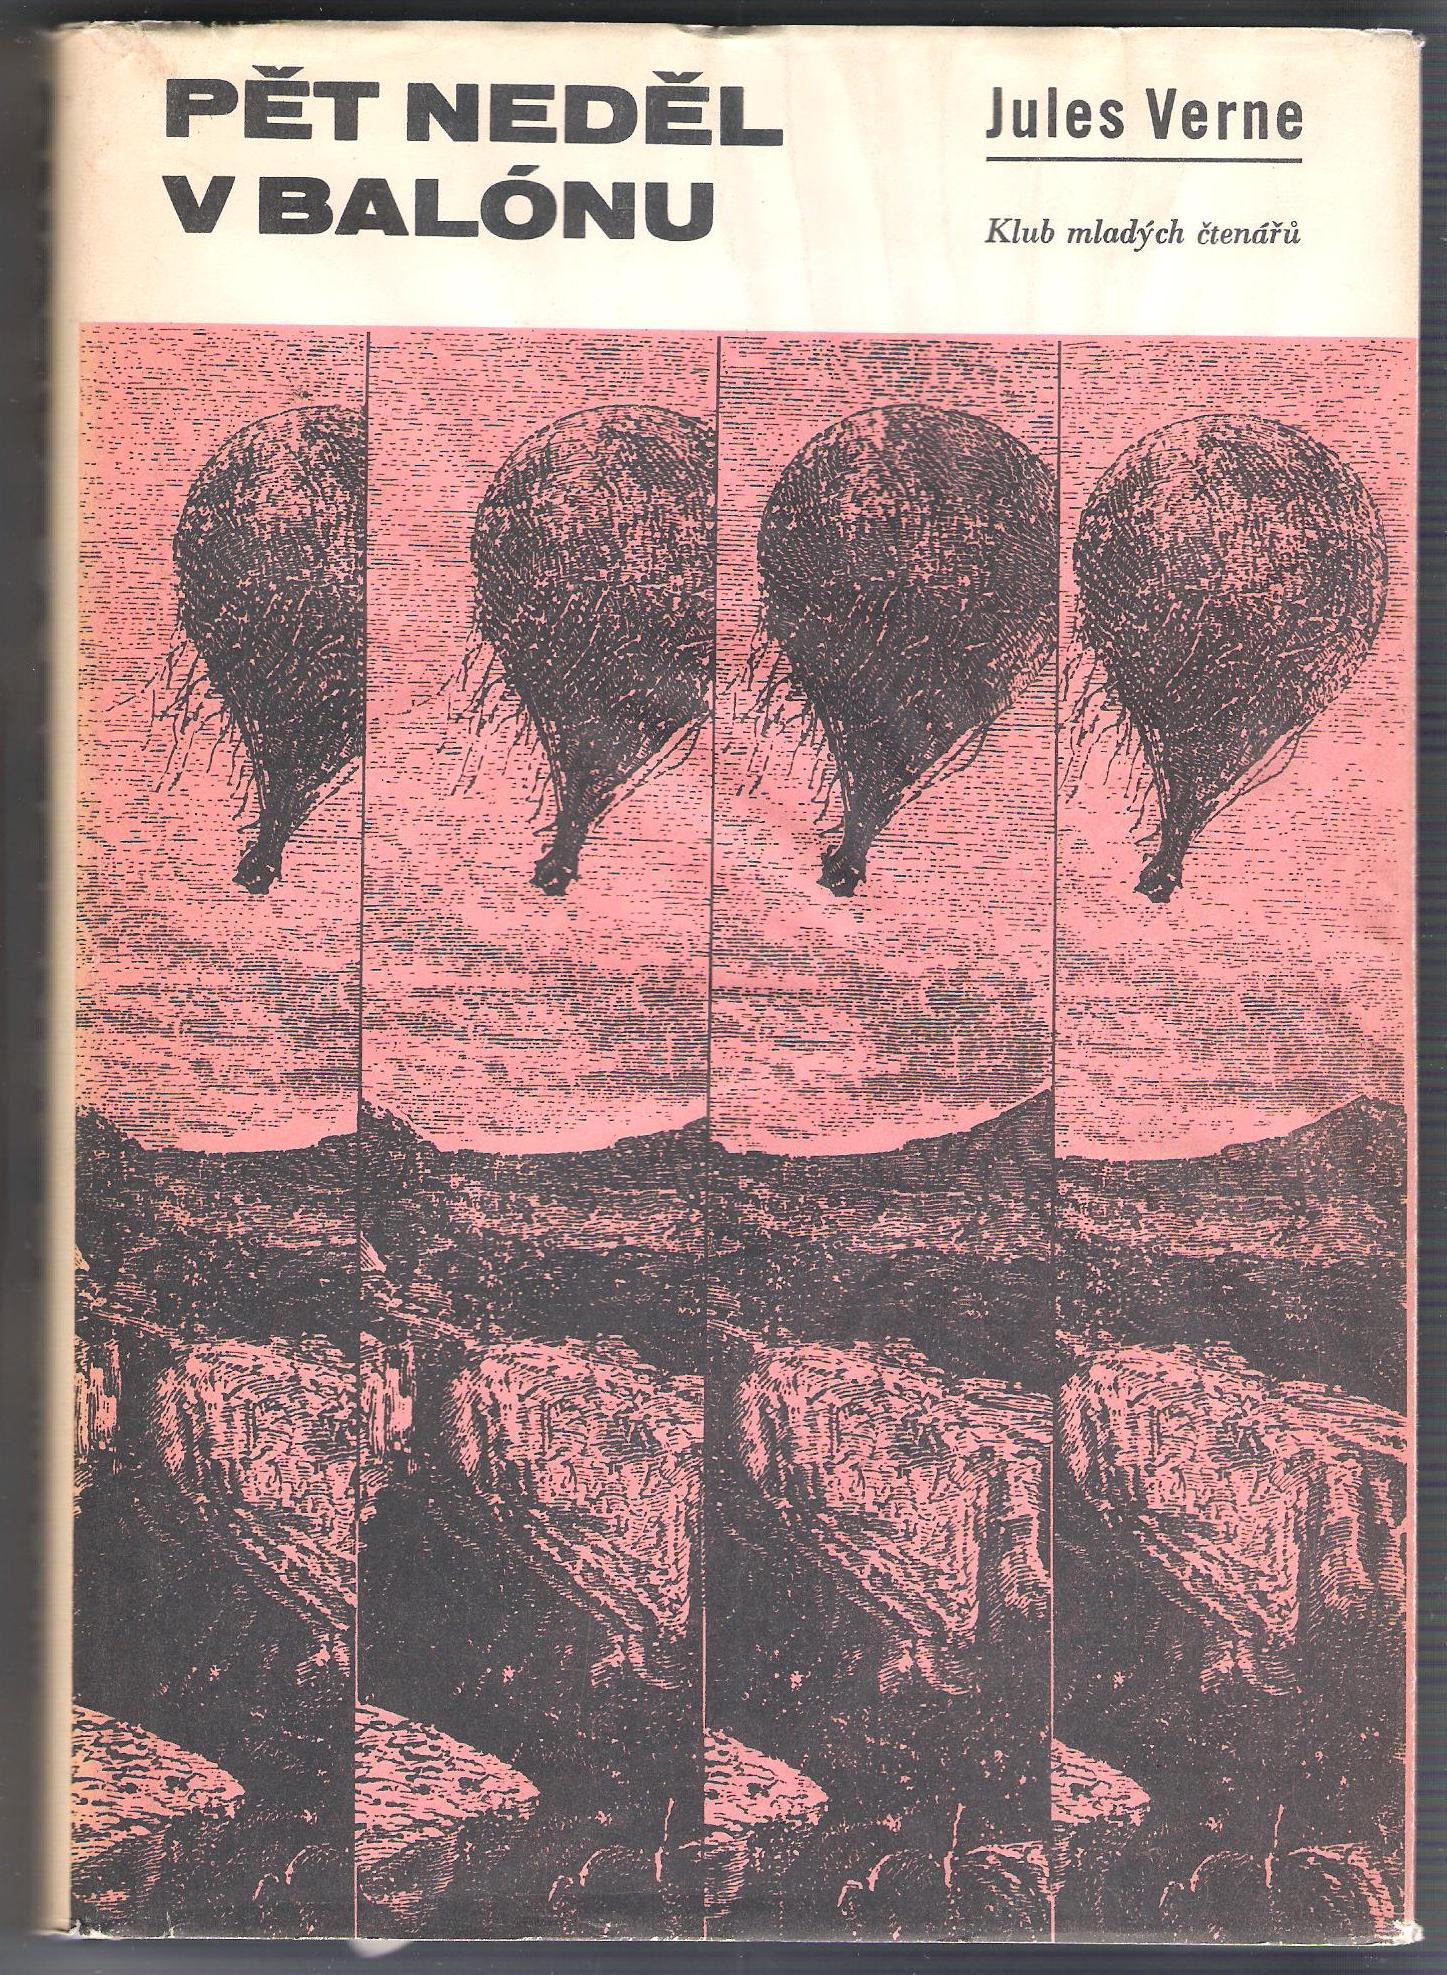 Pět neděl v balónu - Jules Verne